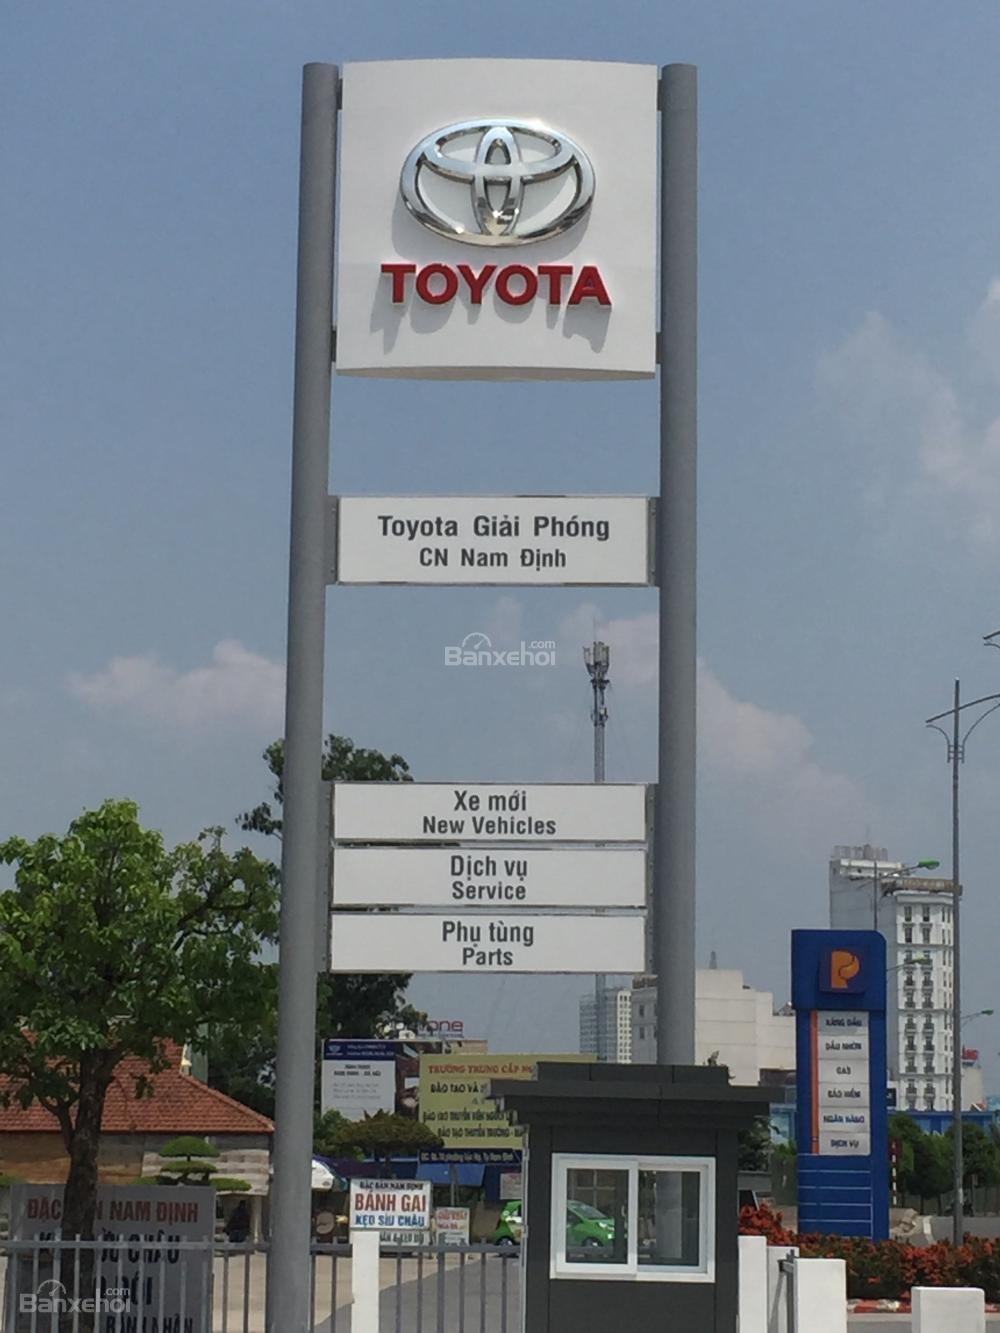 Toyota Giải Phóng - CN Nam Định (11)